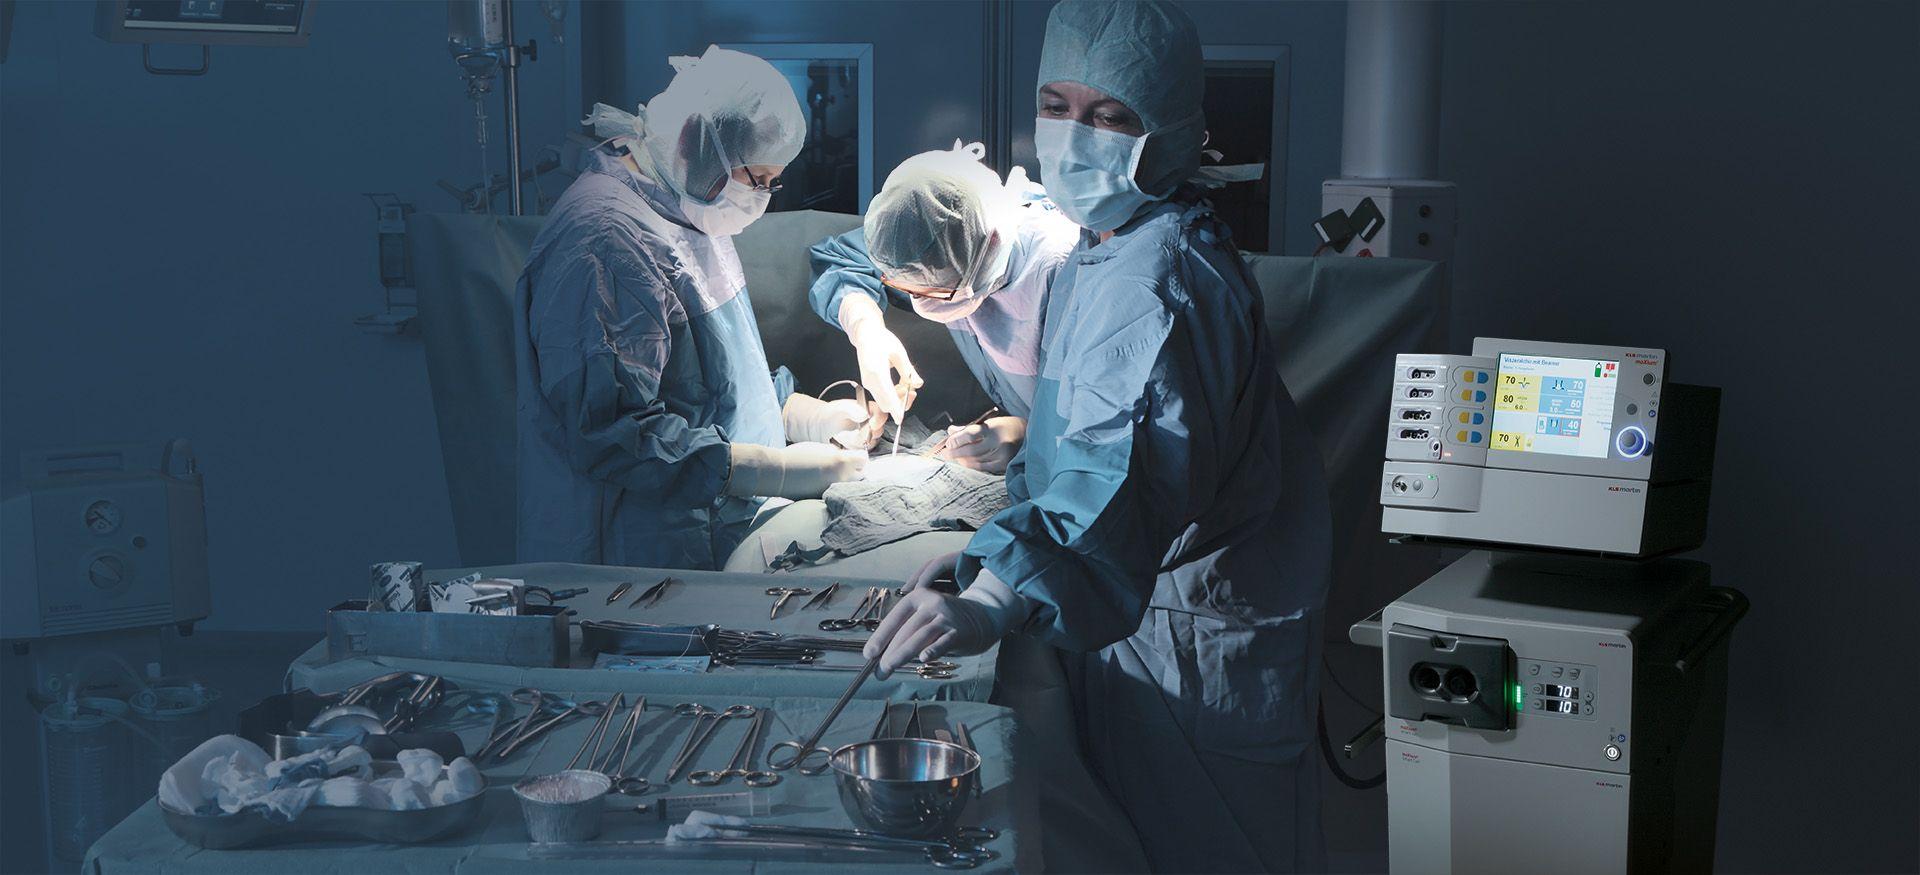 Hochfrequenzchirurgie